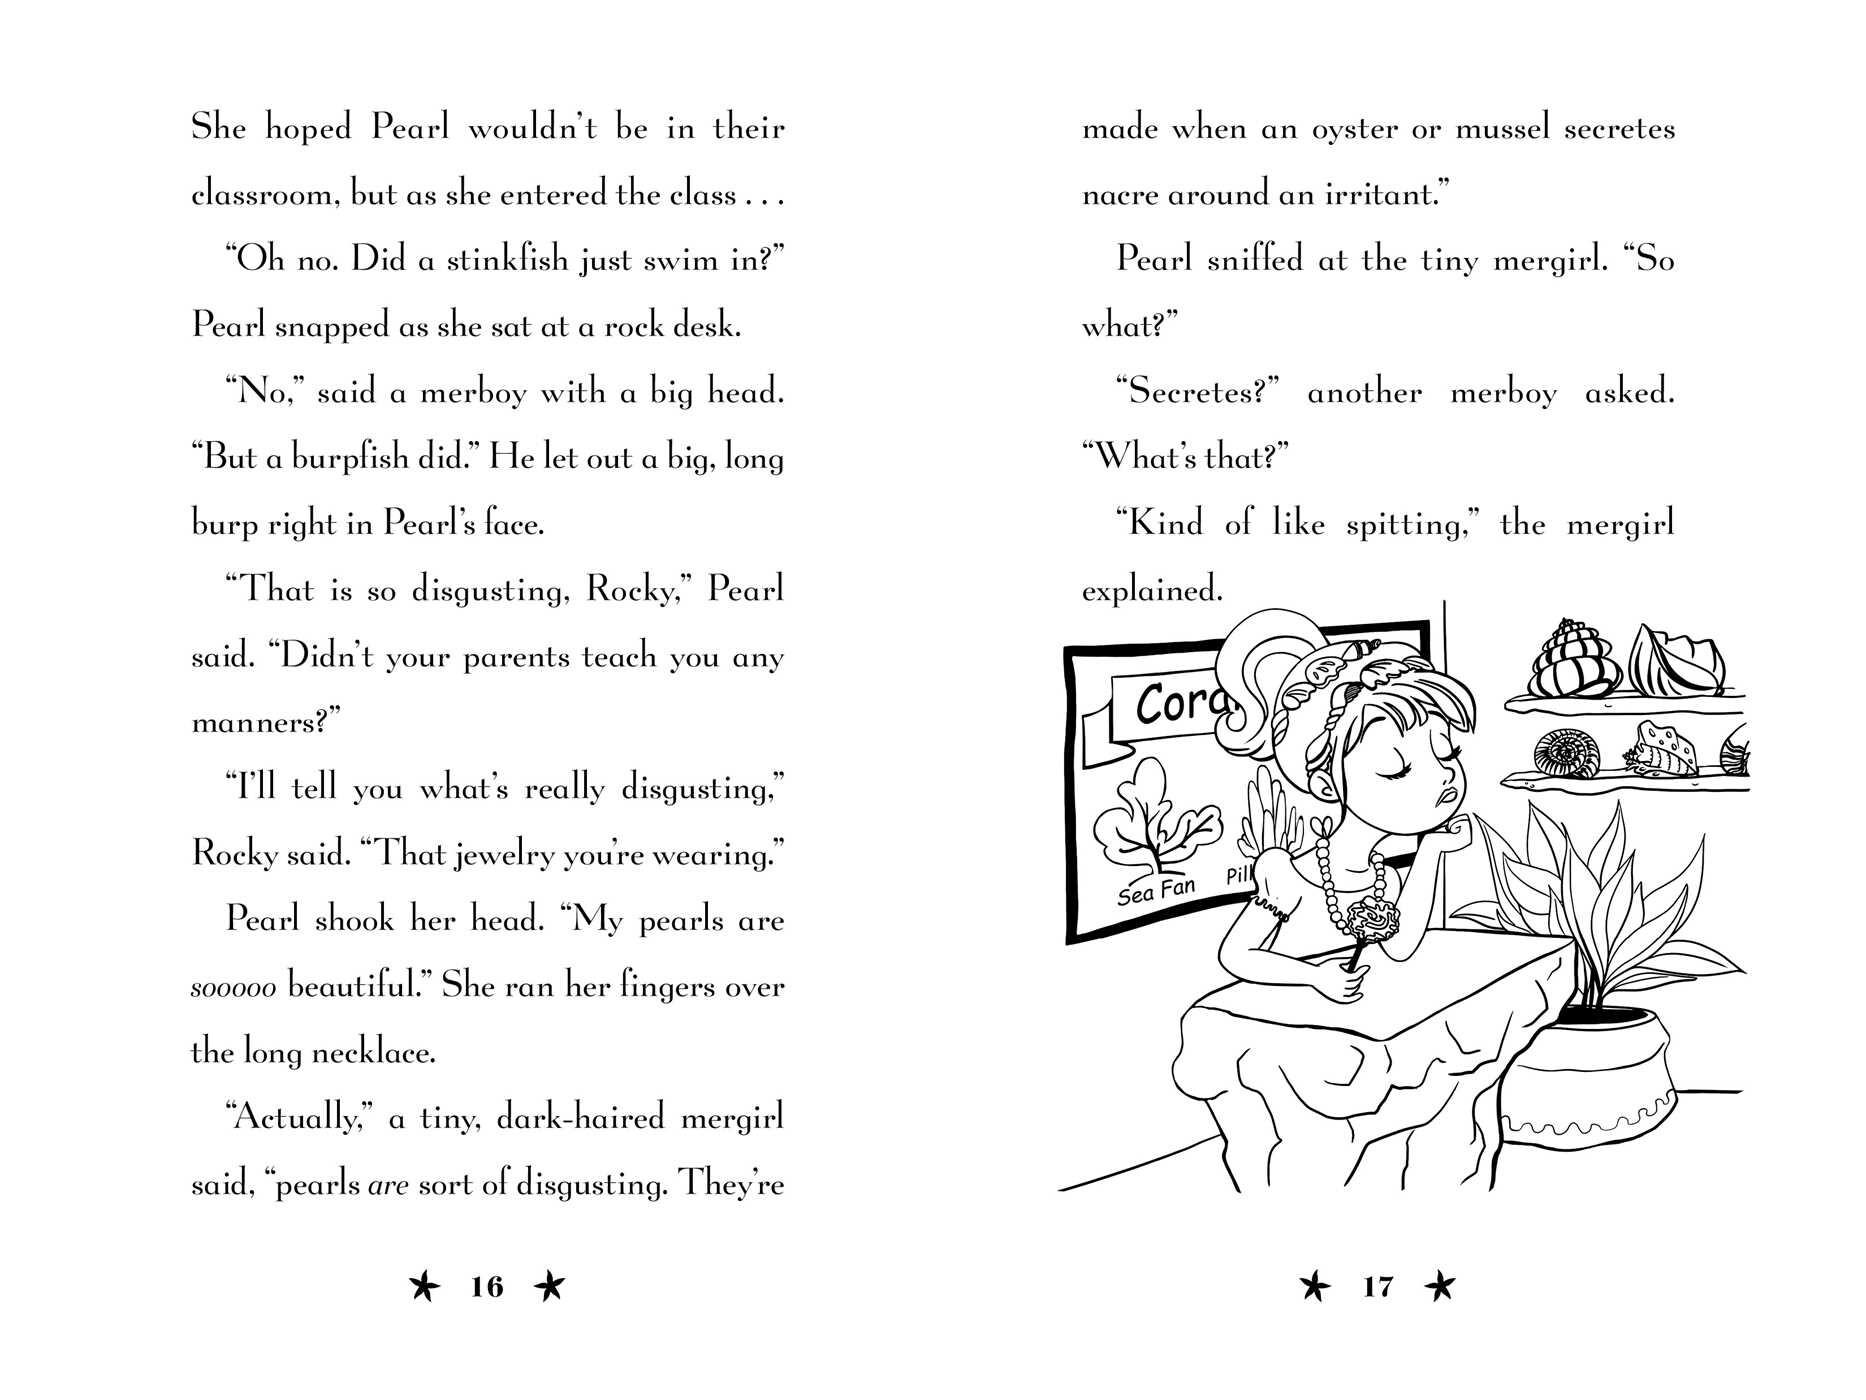 Mermaid tales 3 books in 1 9781481485555.in06